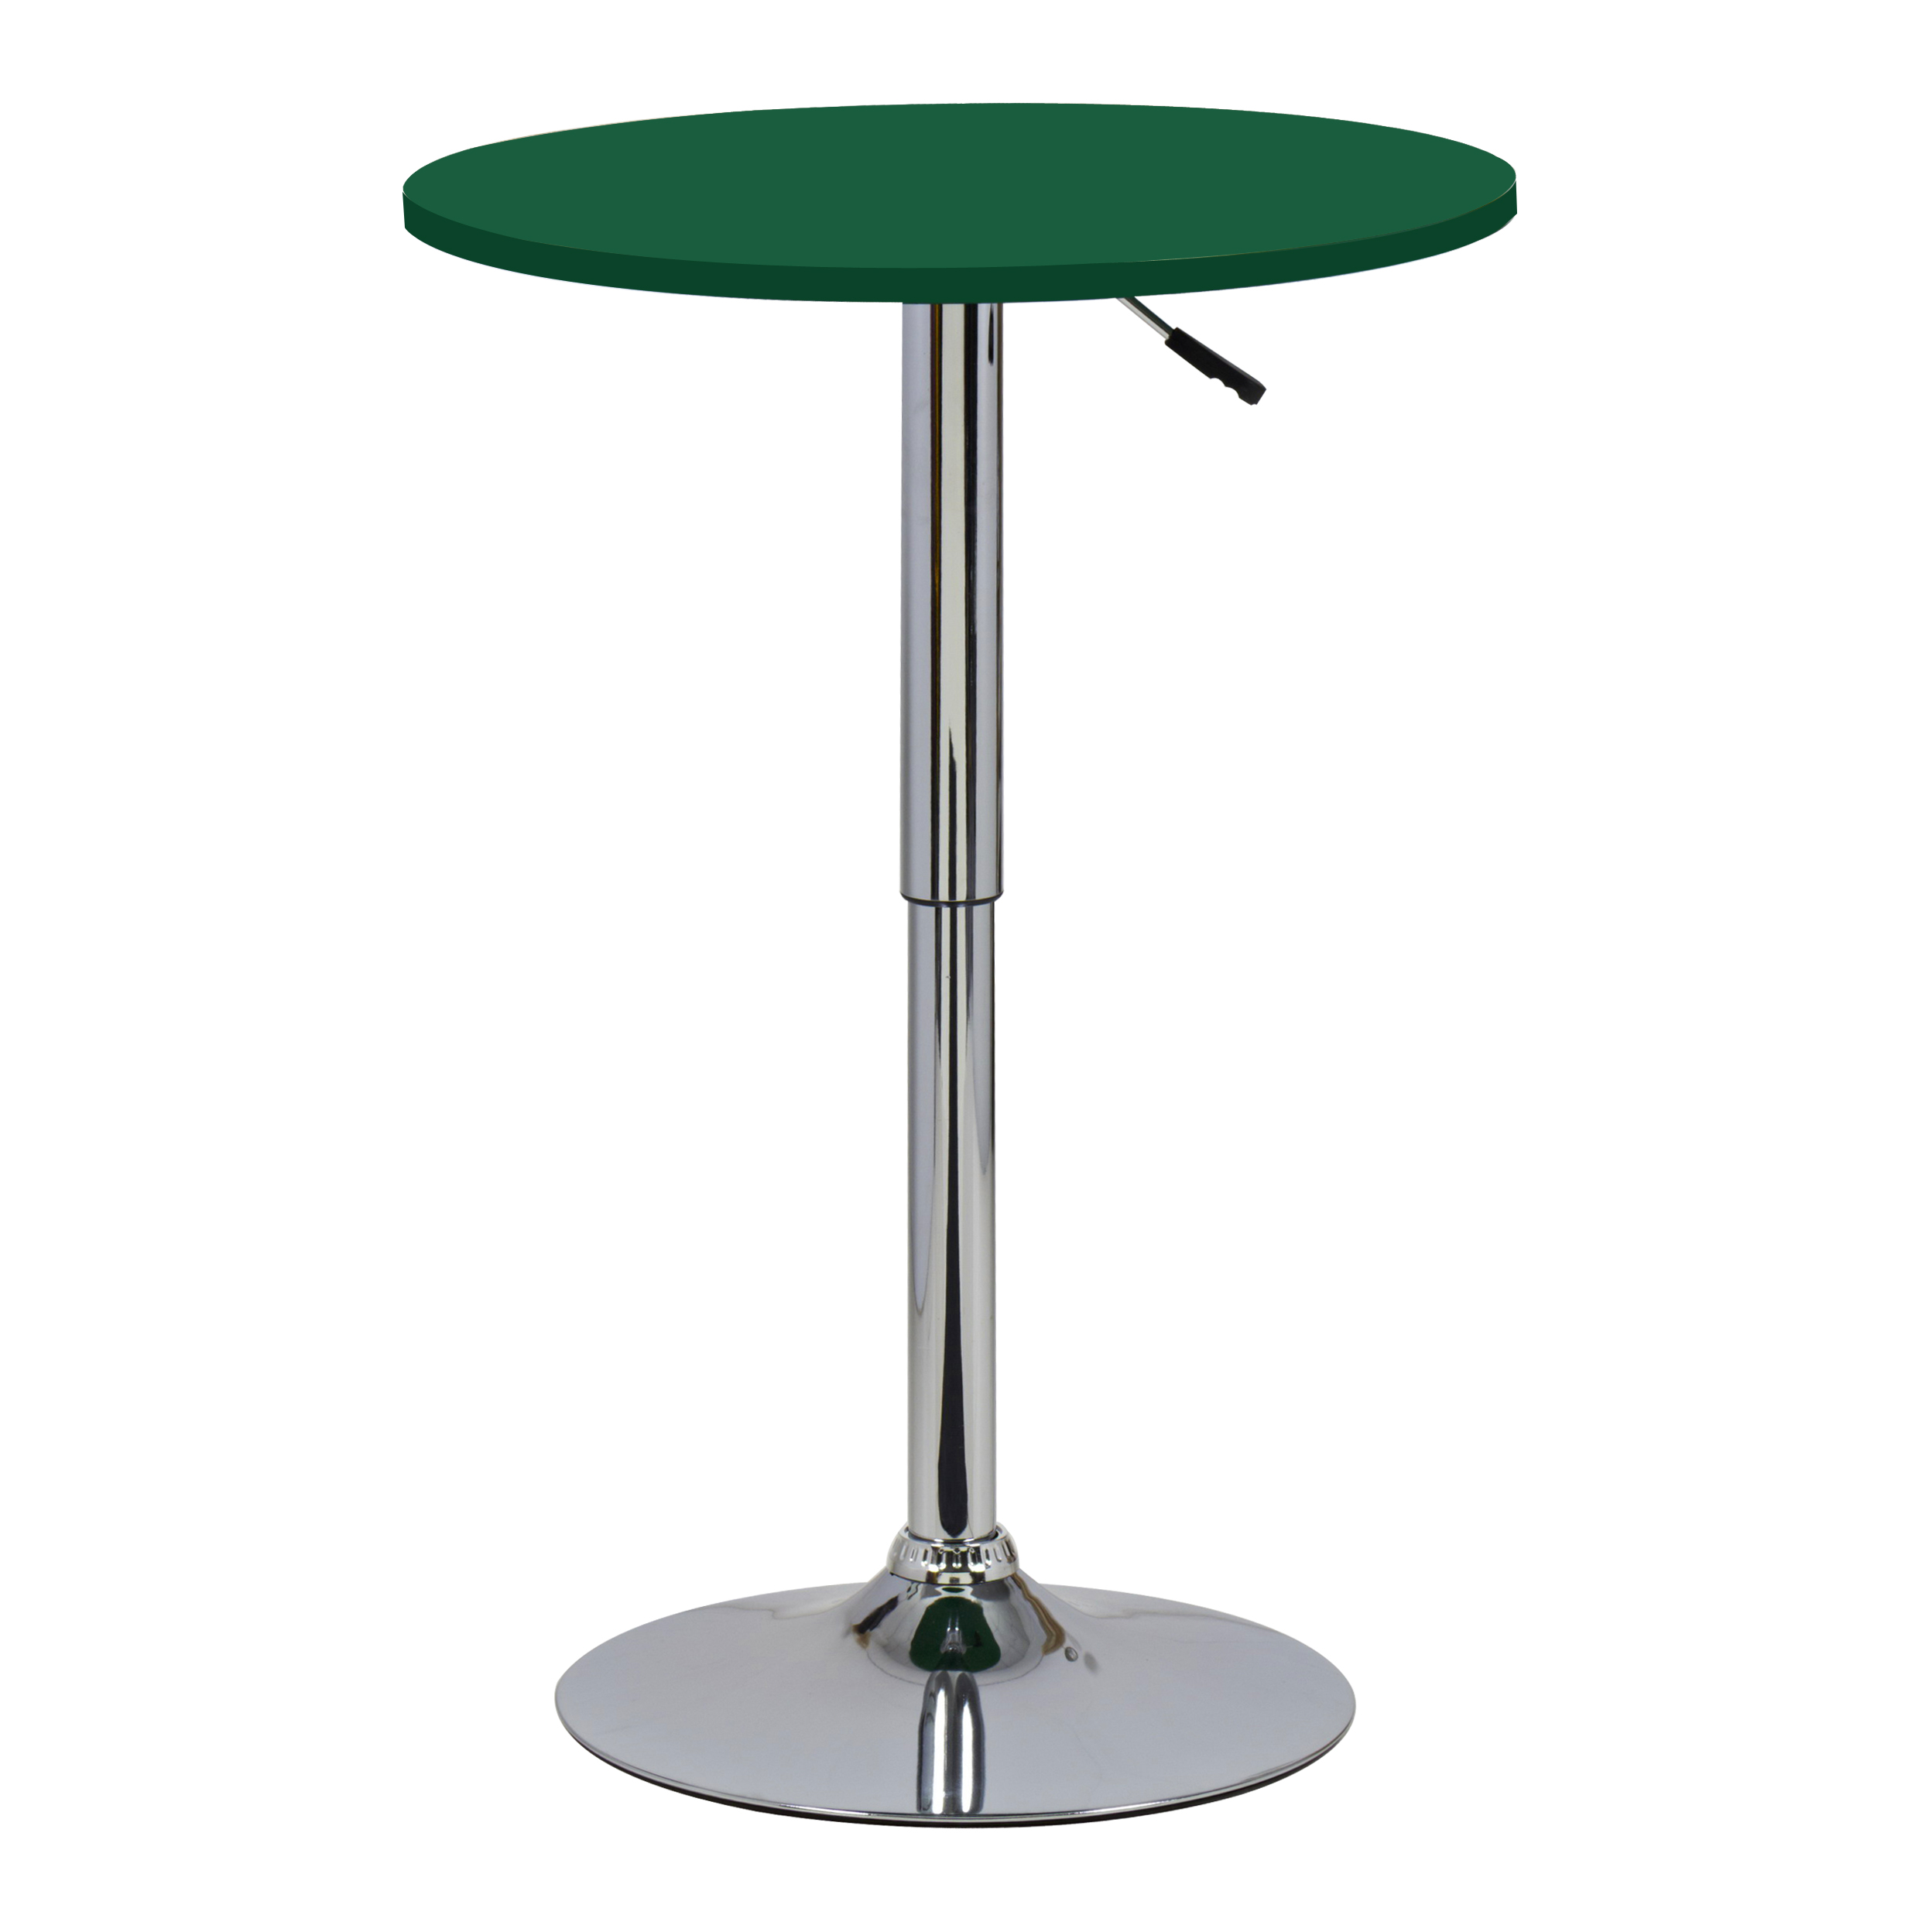 1 table de bar en mdf robuste et acier chrom r glable cuisine table ronde f054 ebay. Black Bedroom Furniture Sets. Home Design Ideas